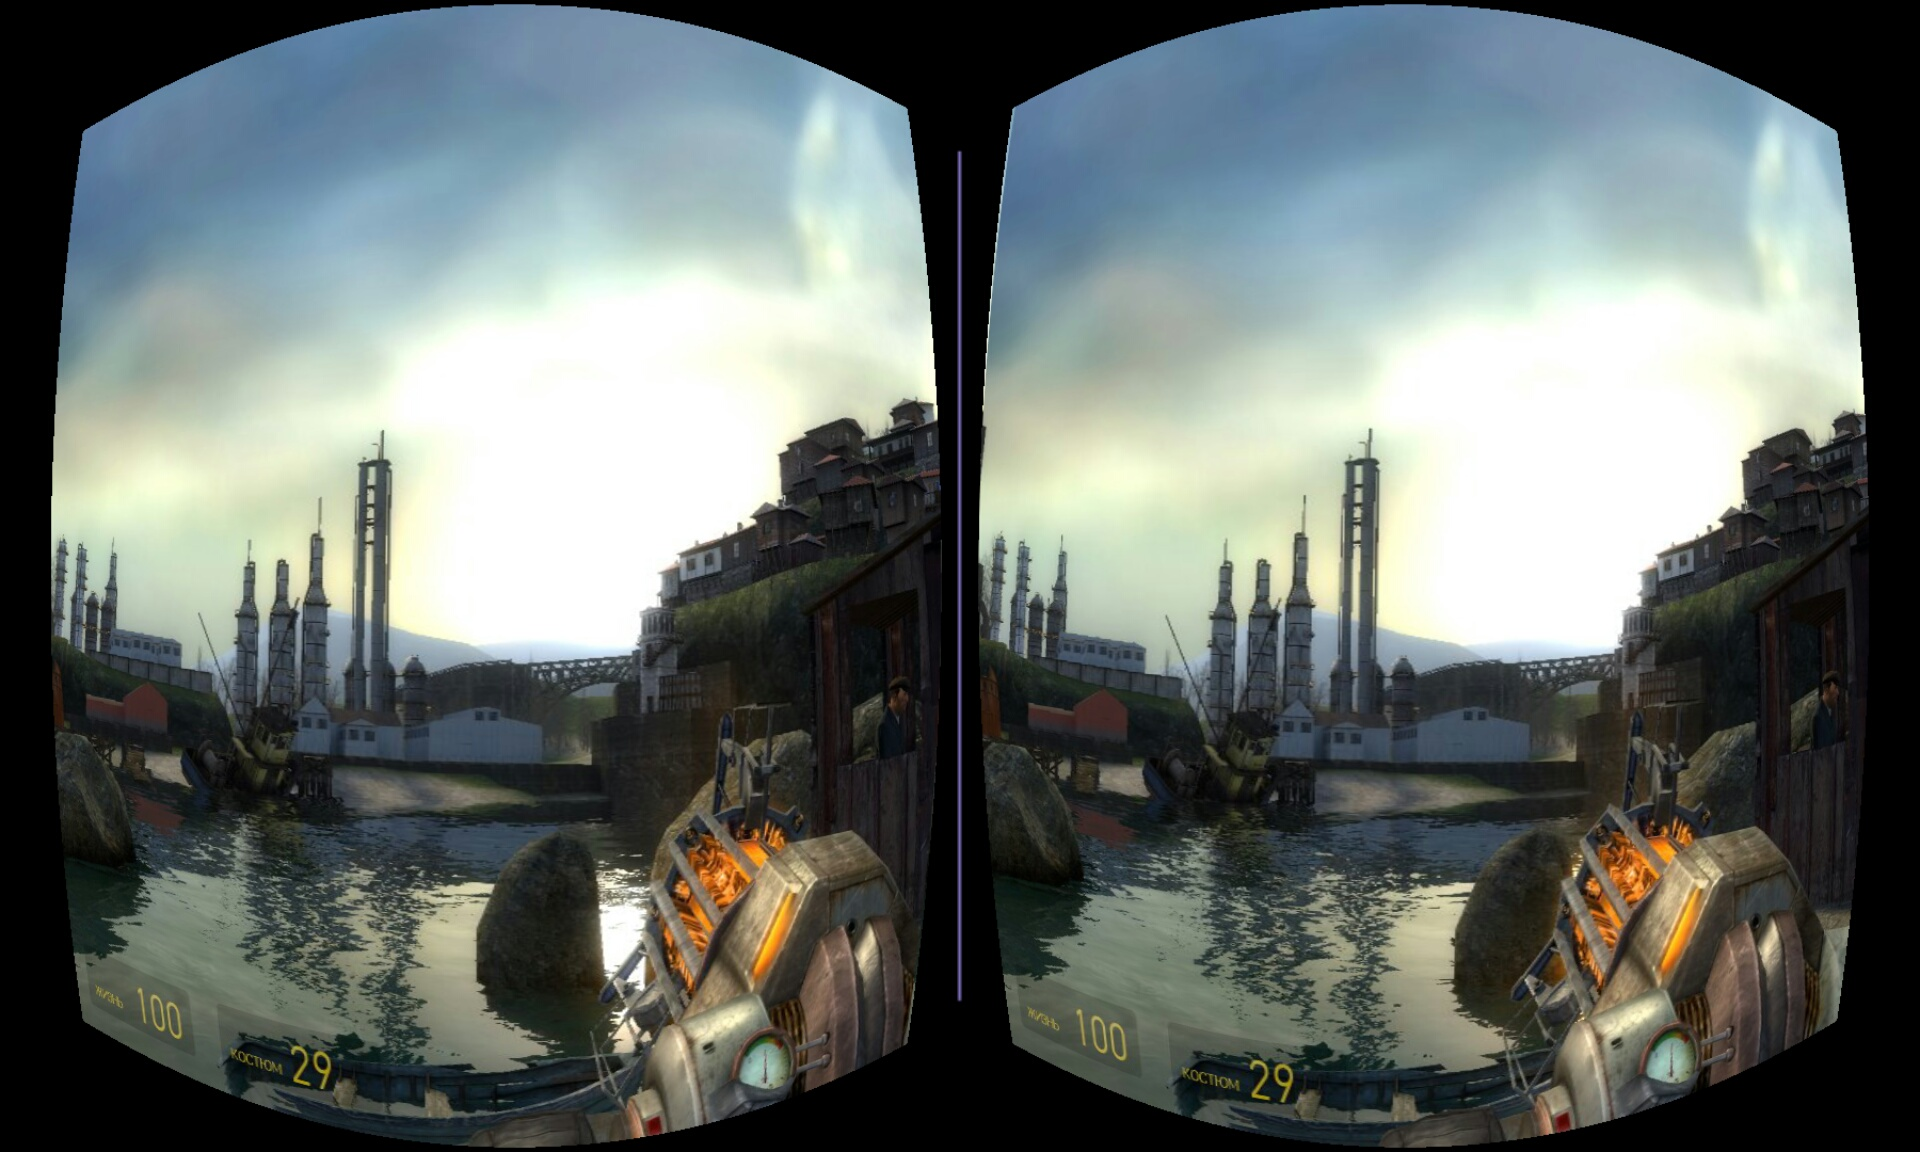 Игры очки виртуальной реальности играть онлайн fathom one квадрокоптер купить